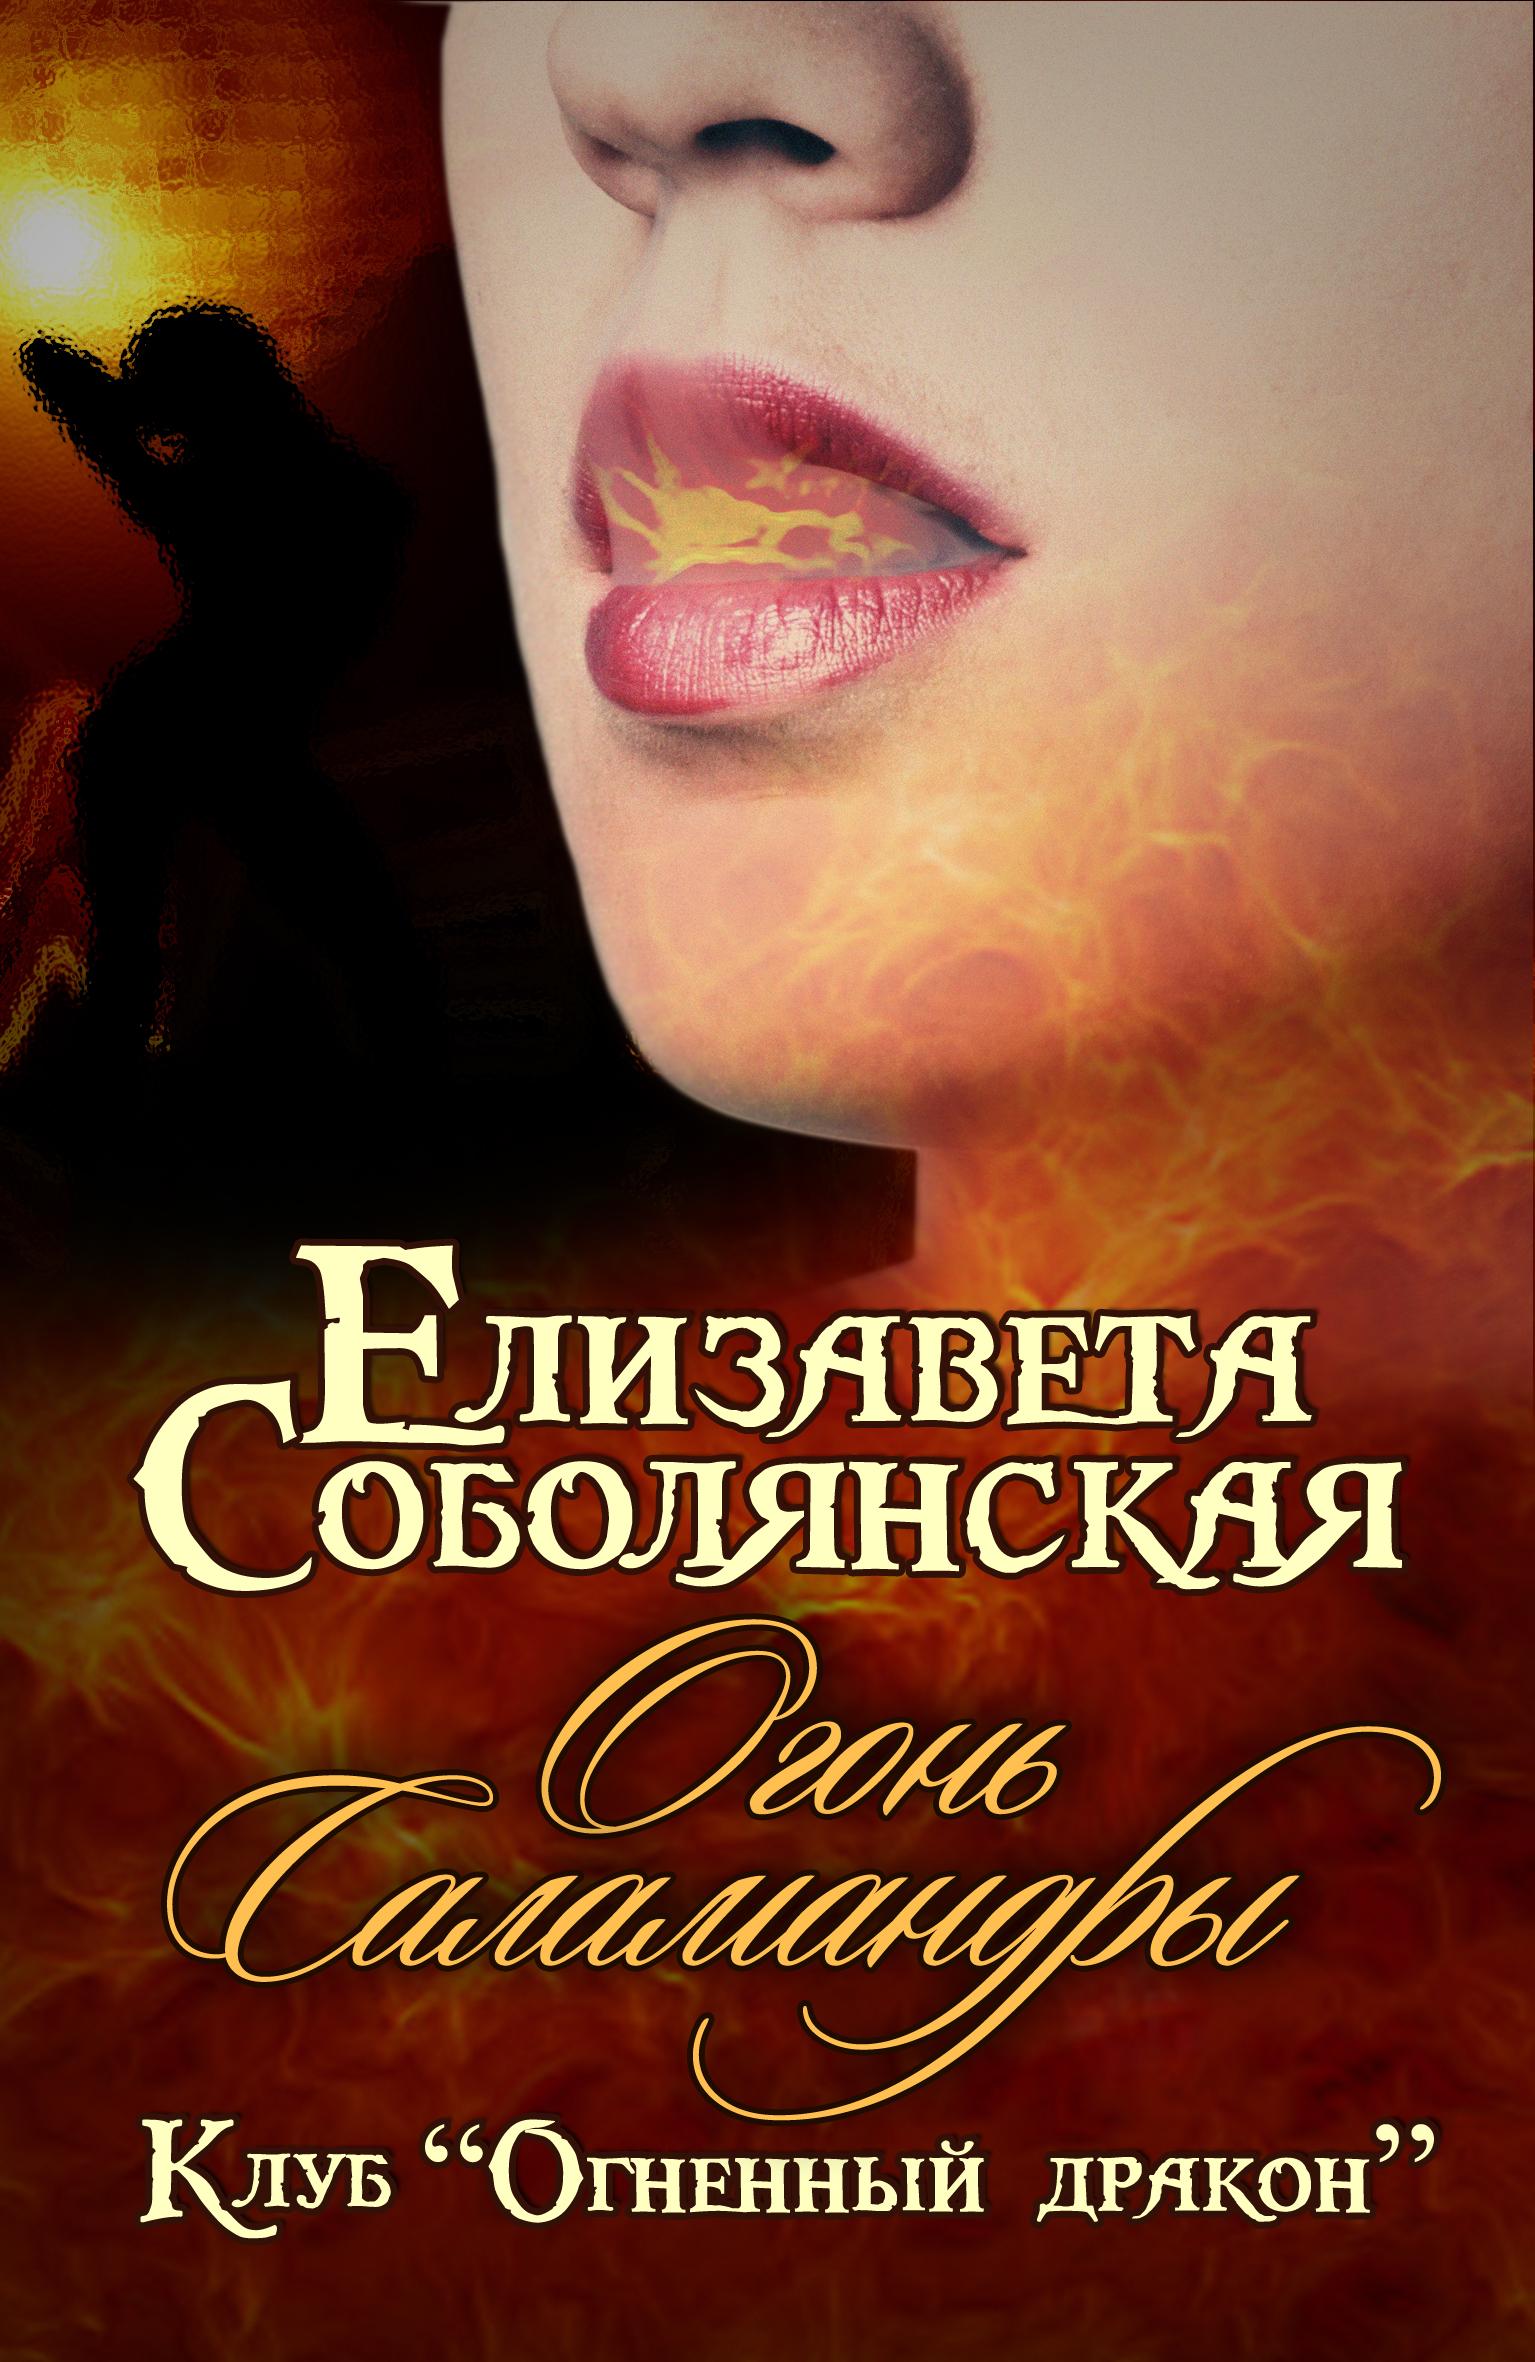 Купить книгу Огонь саламандры, автора Елизаветы Владимировны Соболянской